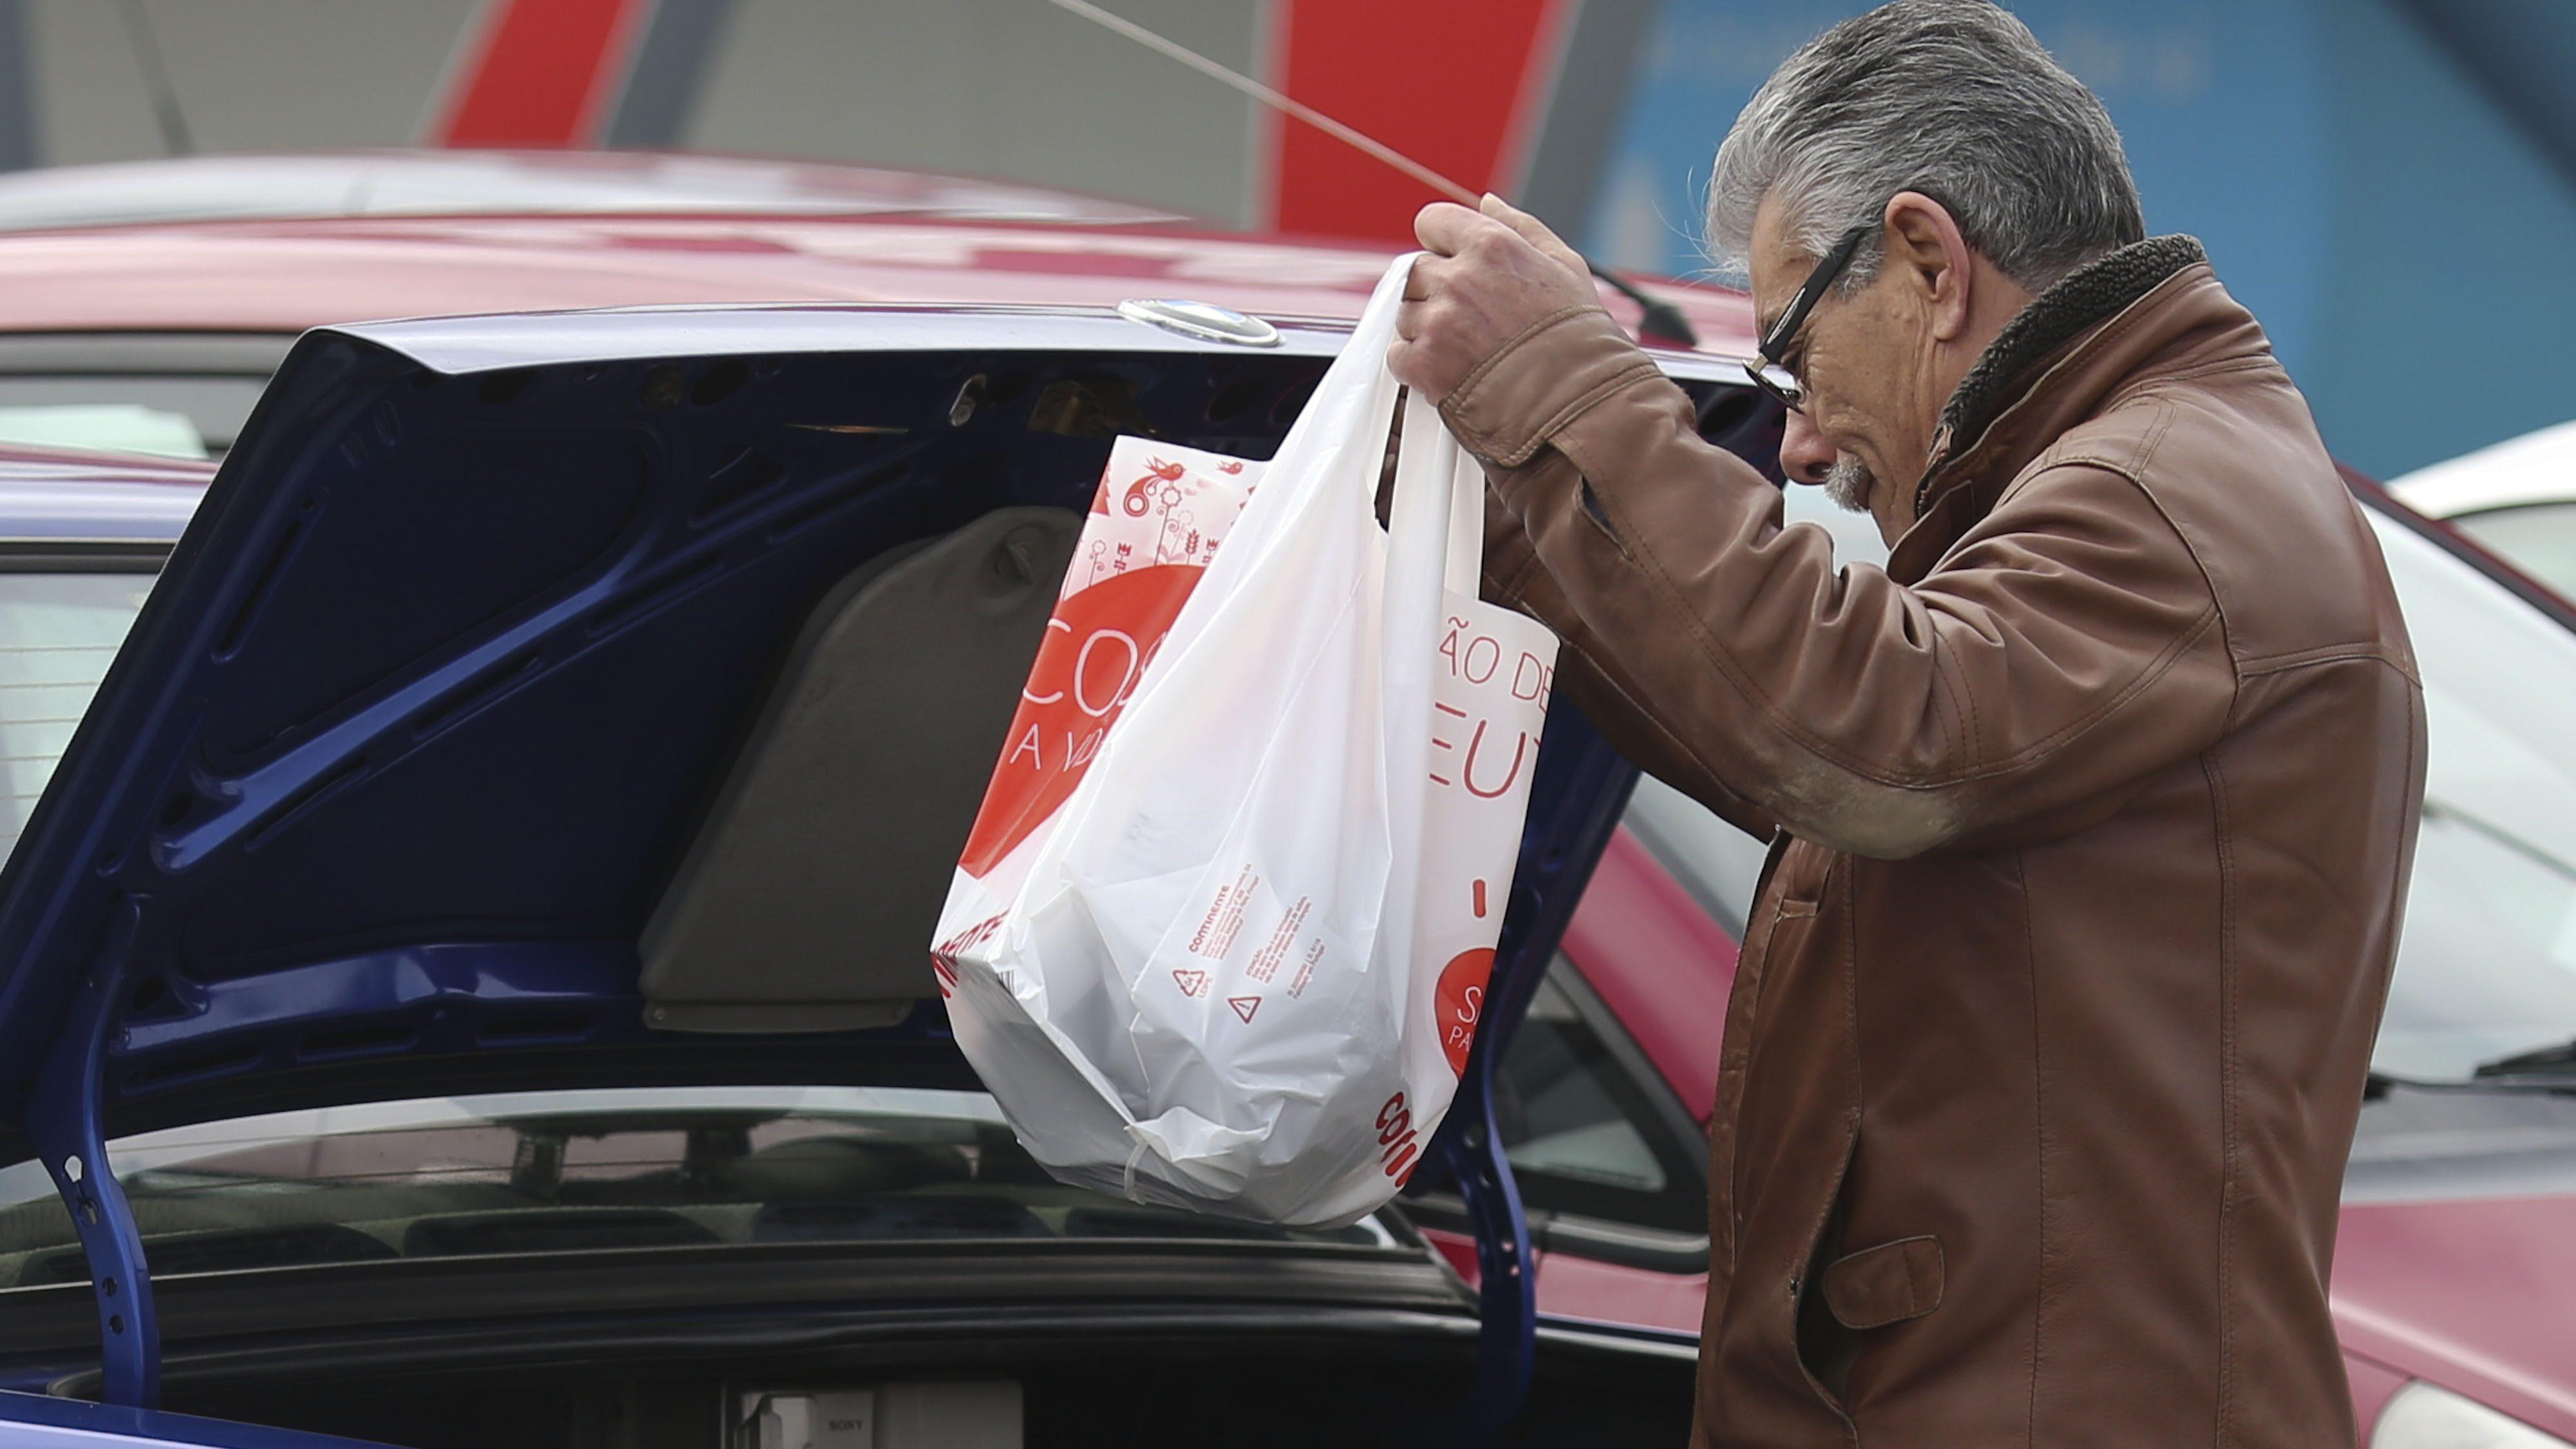 Poder de compra em Portugal é 83% da média europeia